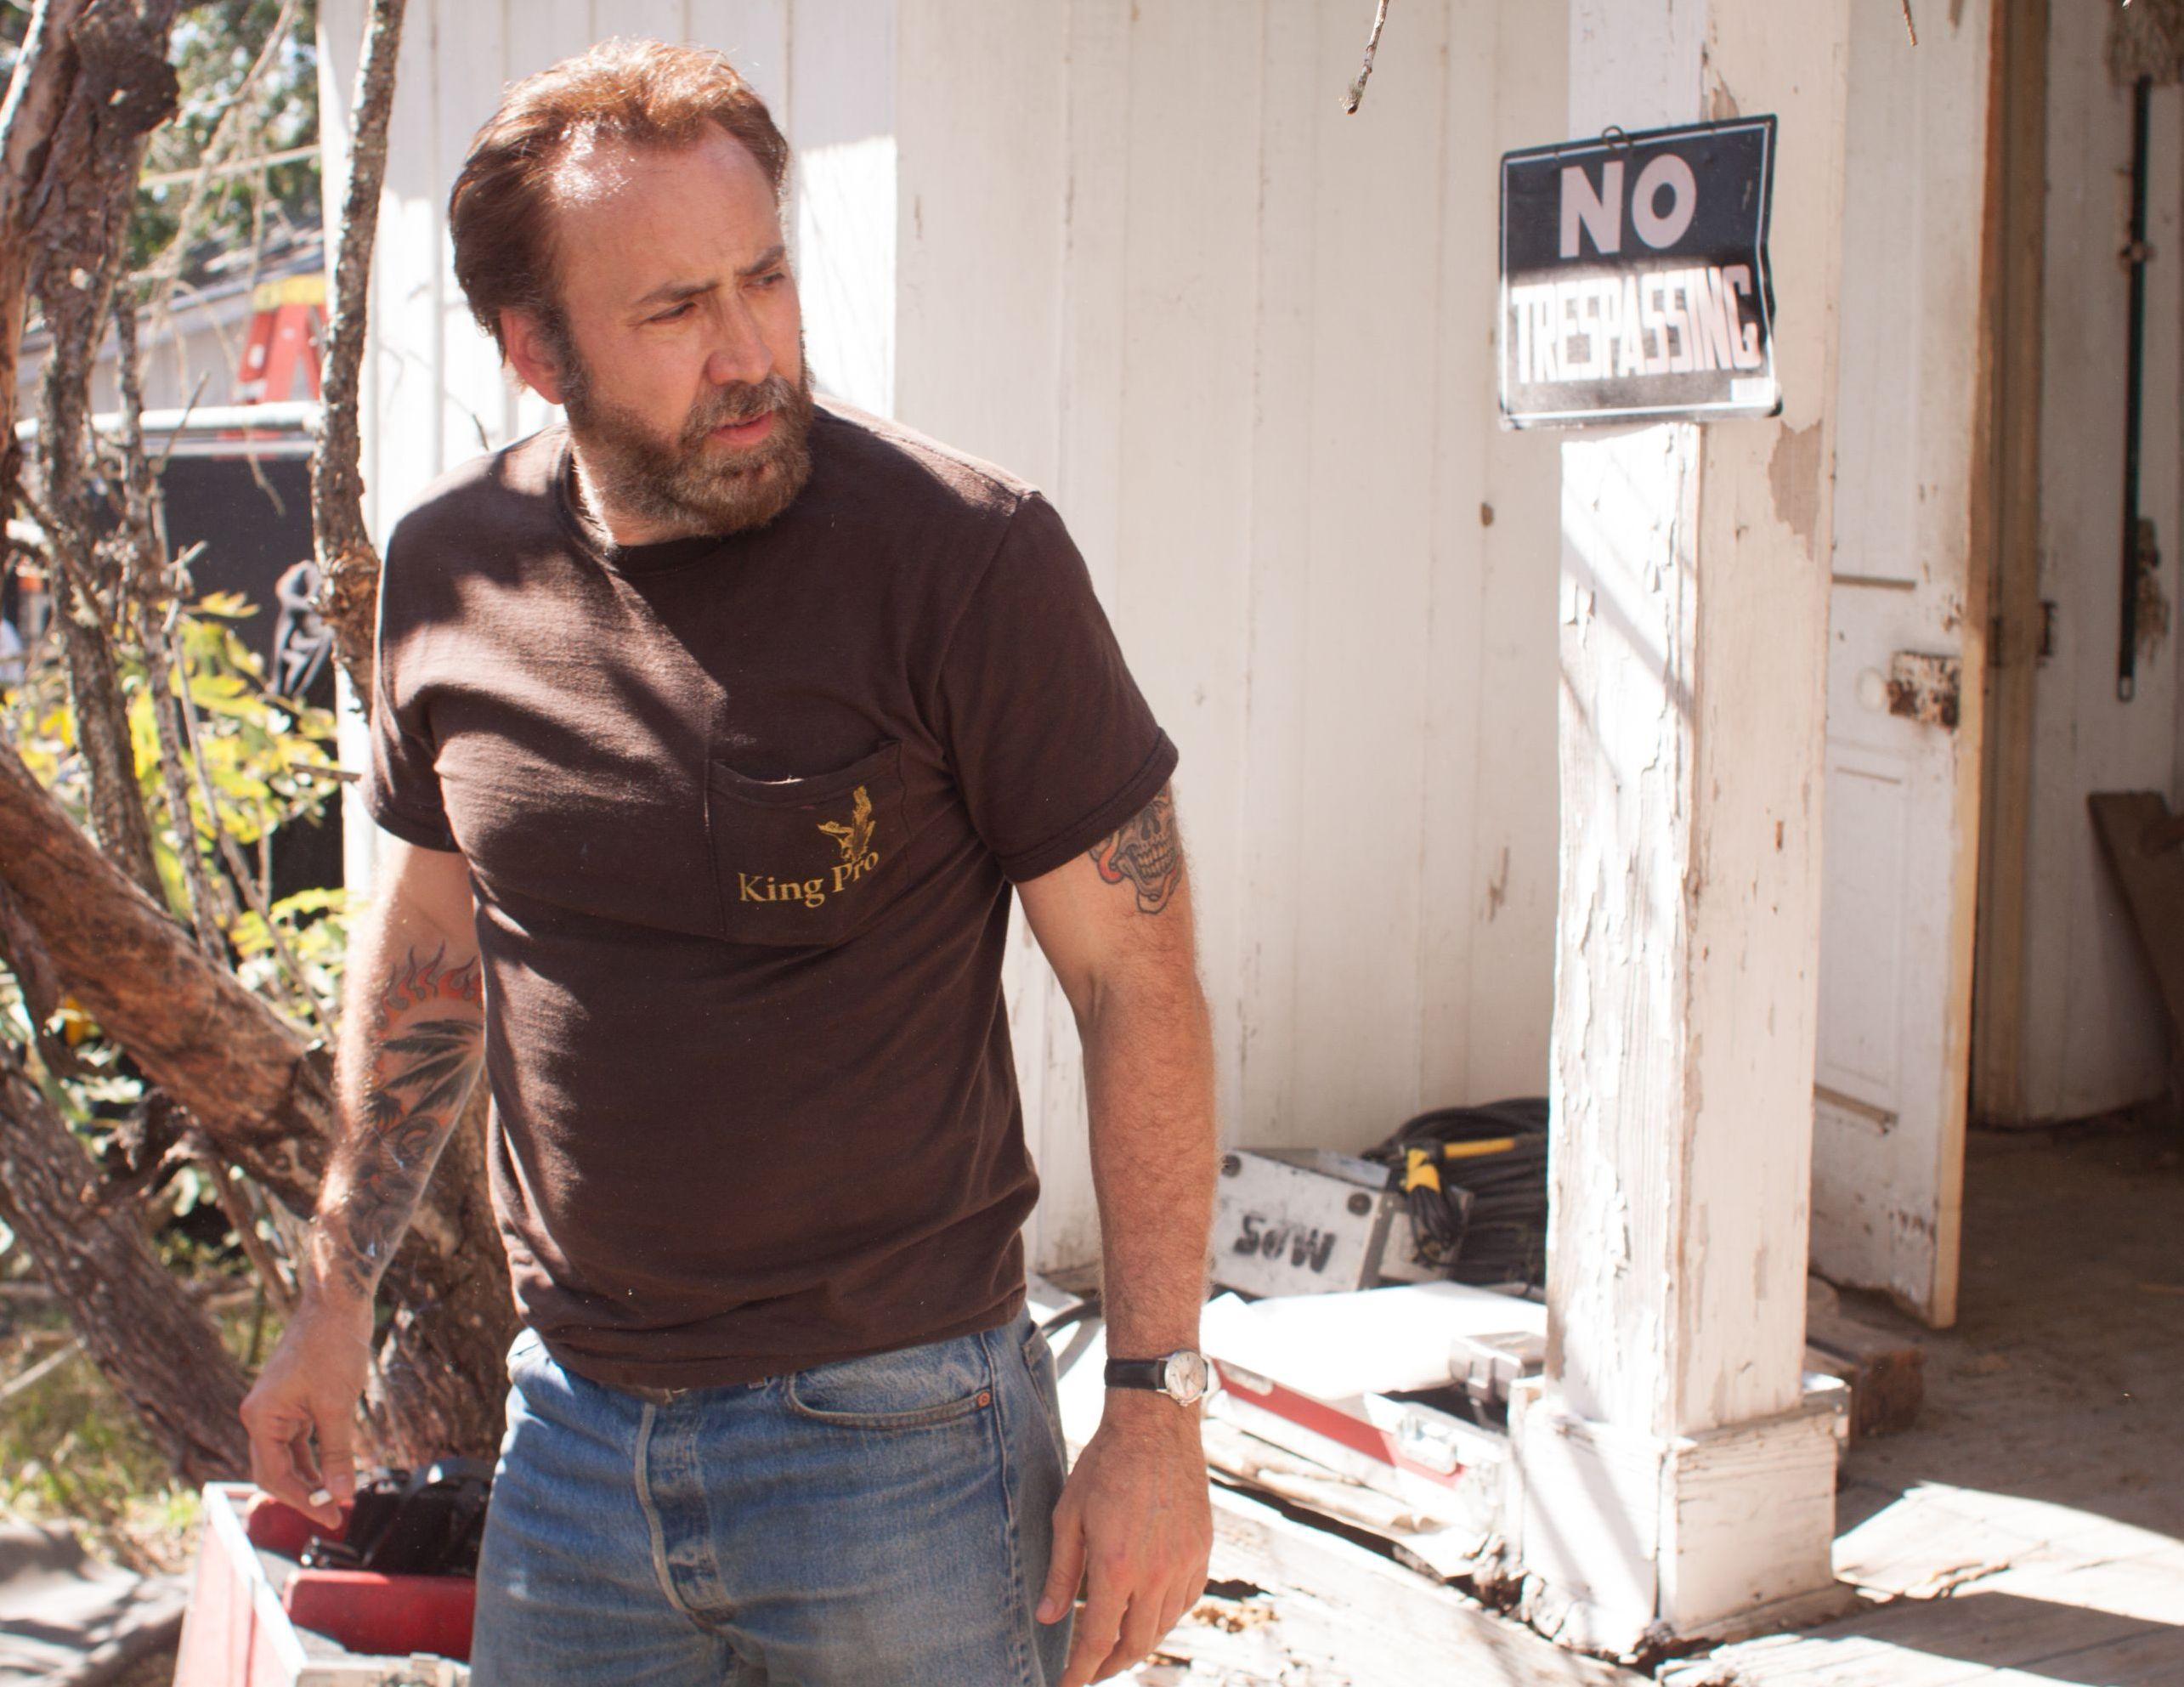 Nicolas Cage as Joe, No Trespassing